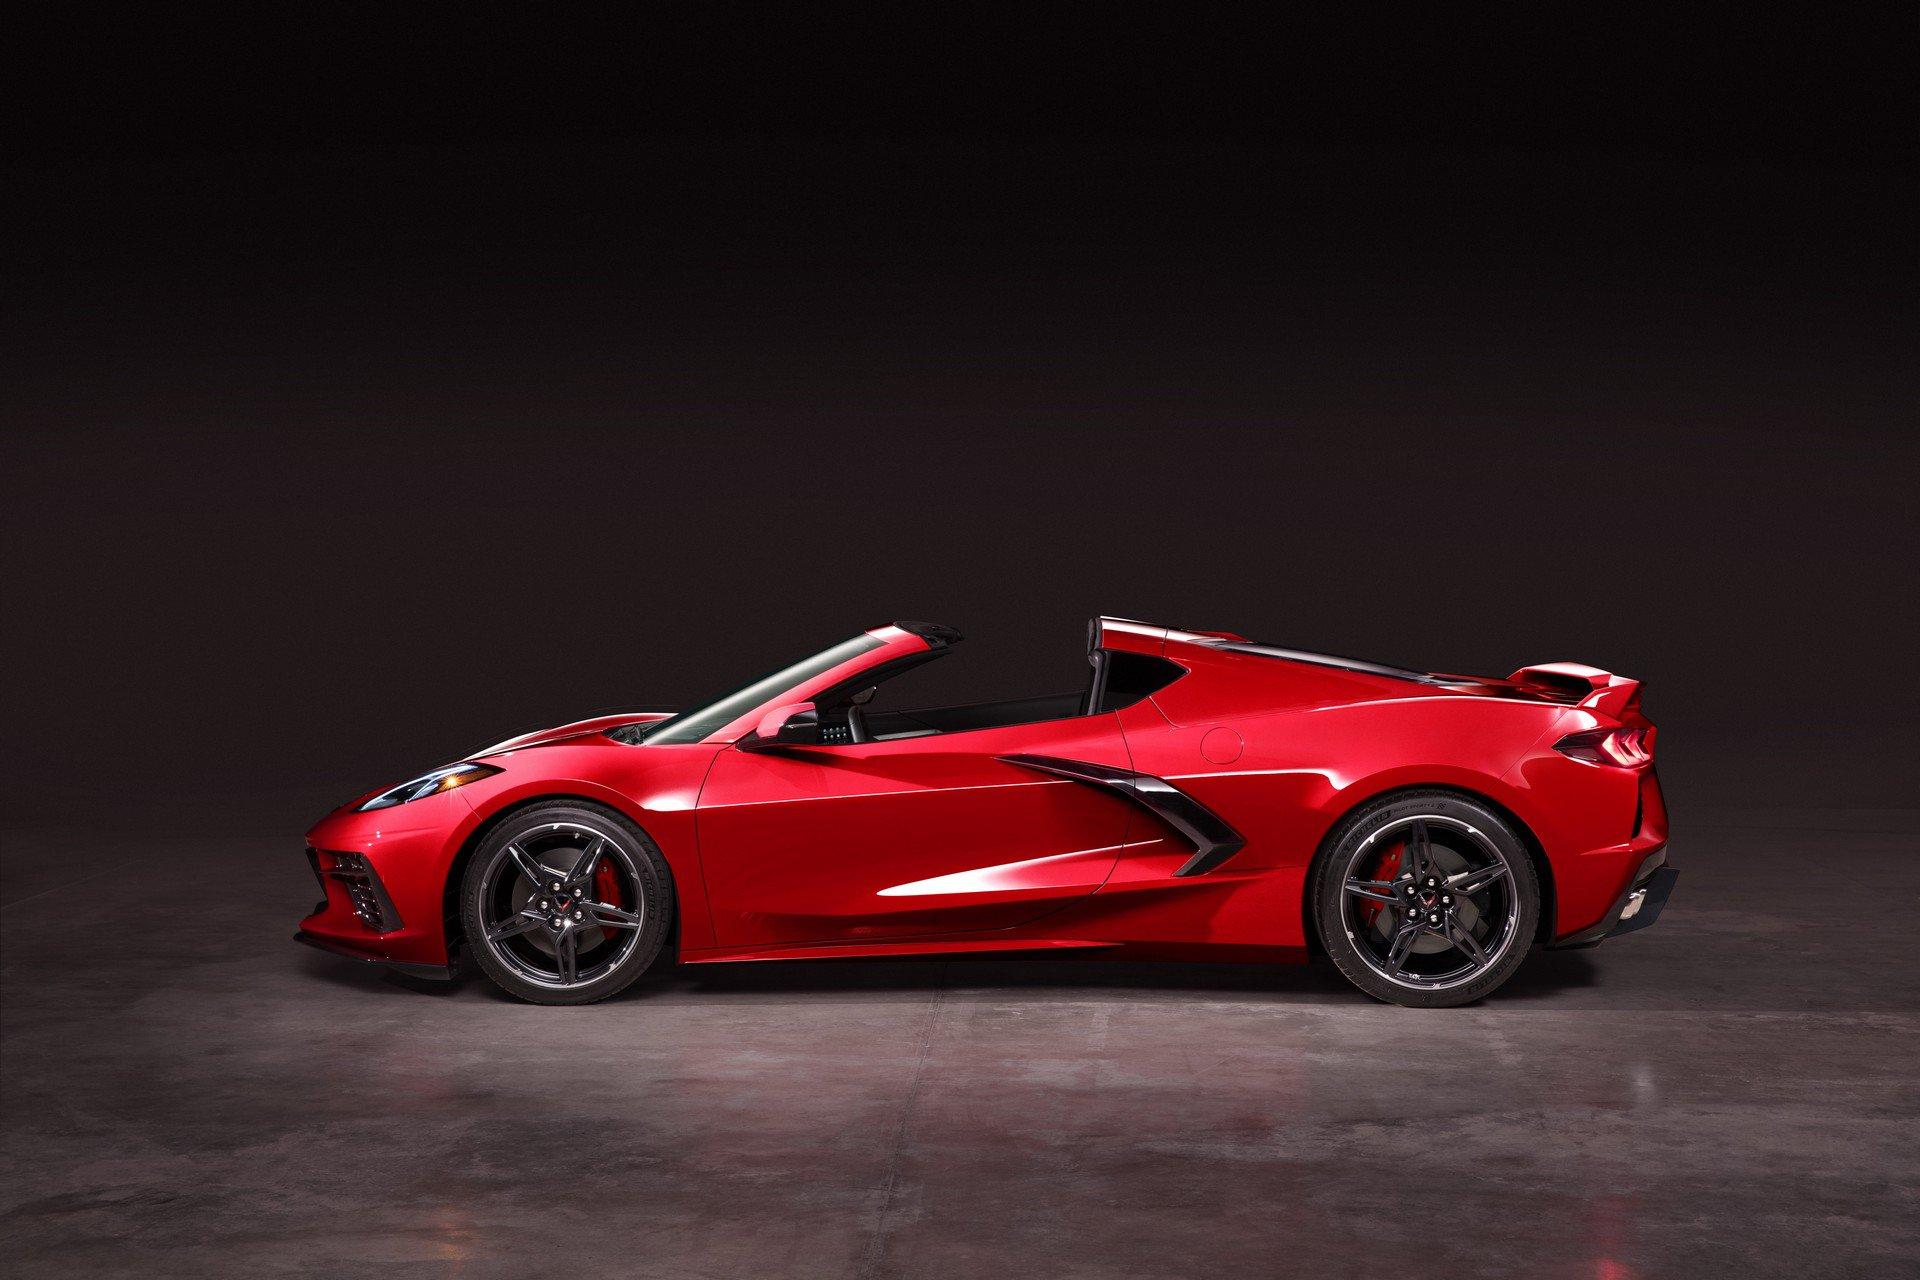 Chevrolet ra mắt Corvette C8 thế hệ mới thiết kế táo bạo, động cơ đặt giữa - 12